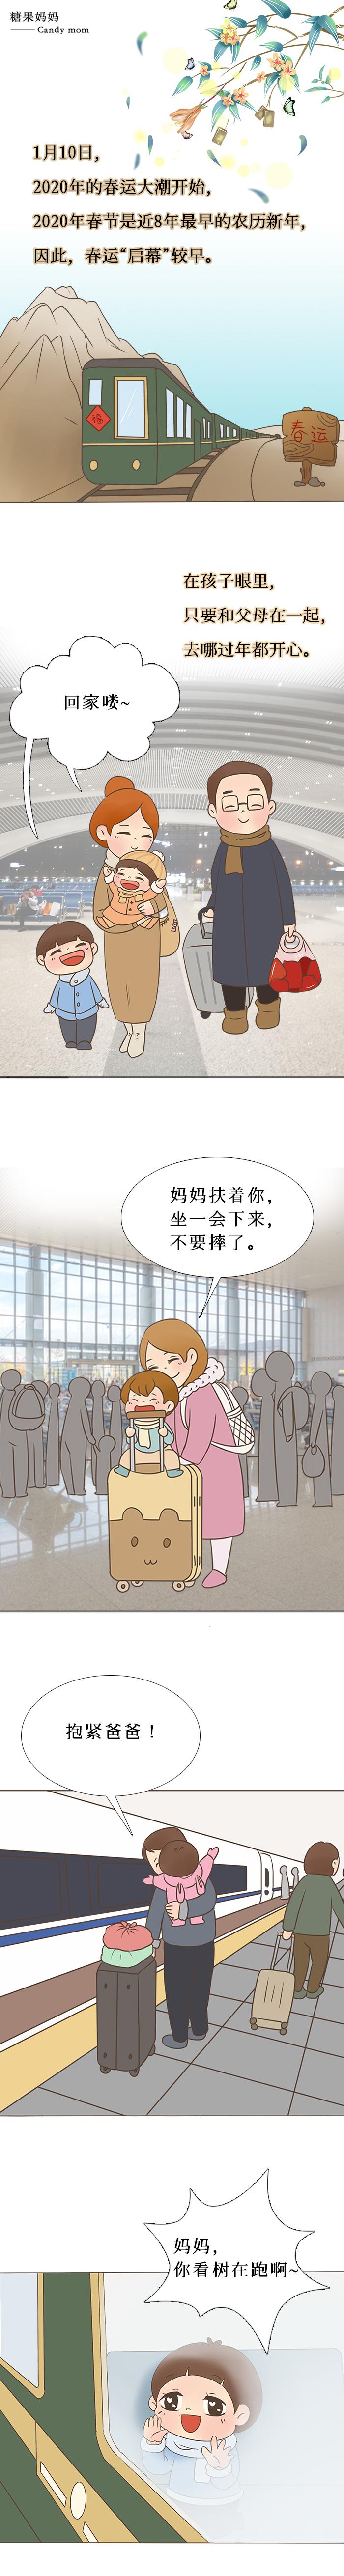 """【春运启幕,孩子是路上最重要的""""行李"""",四点提醒父母需牢记】"""